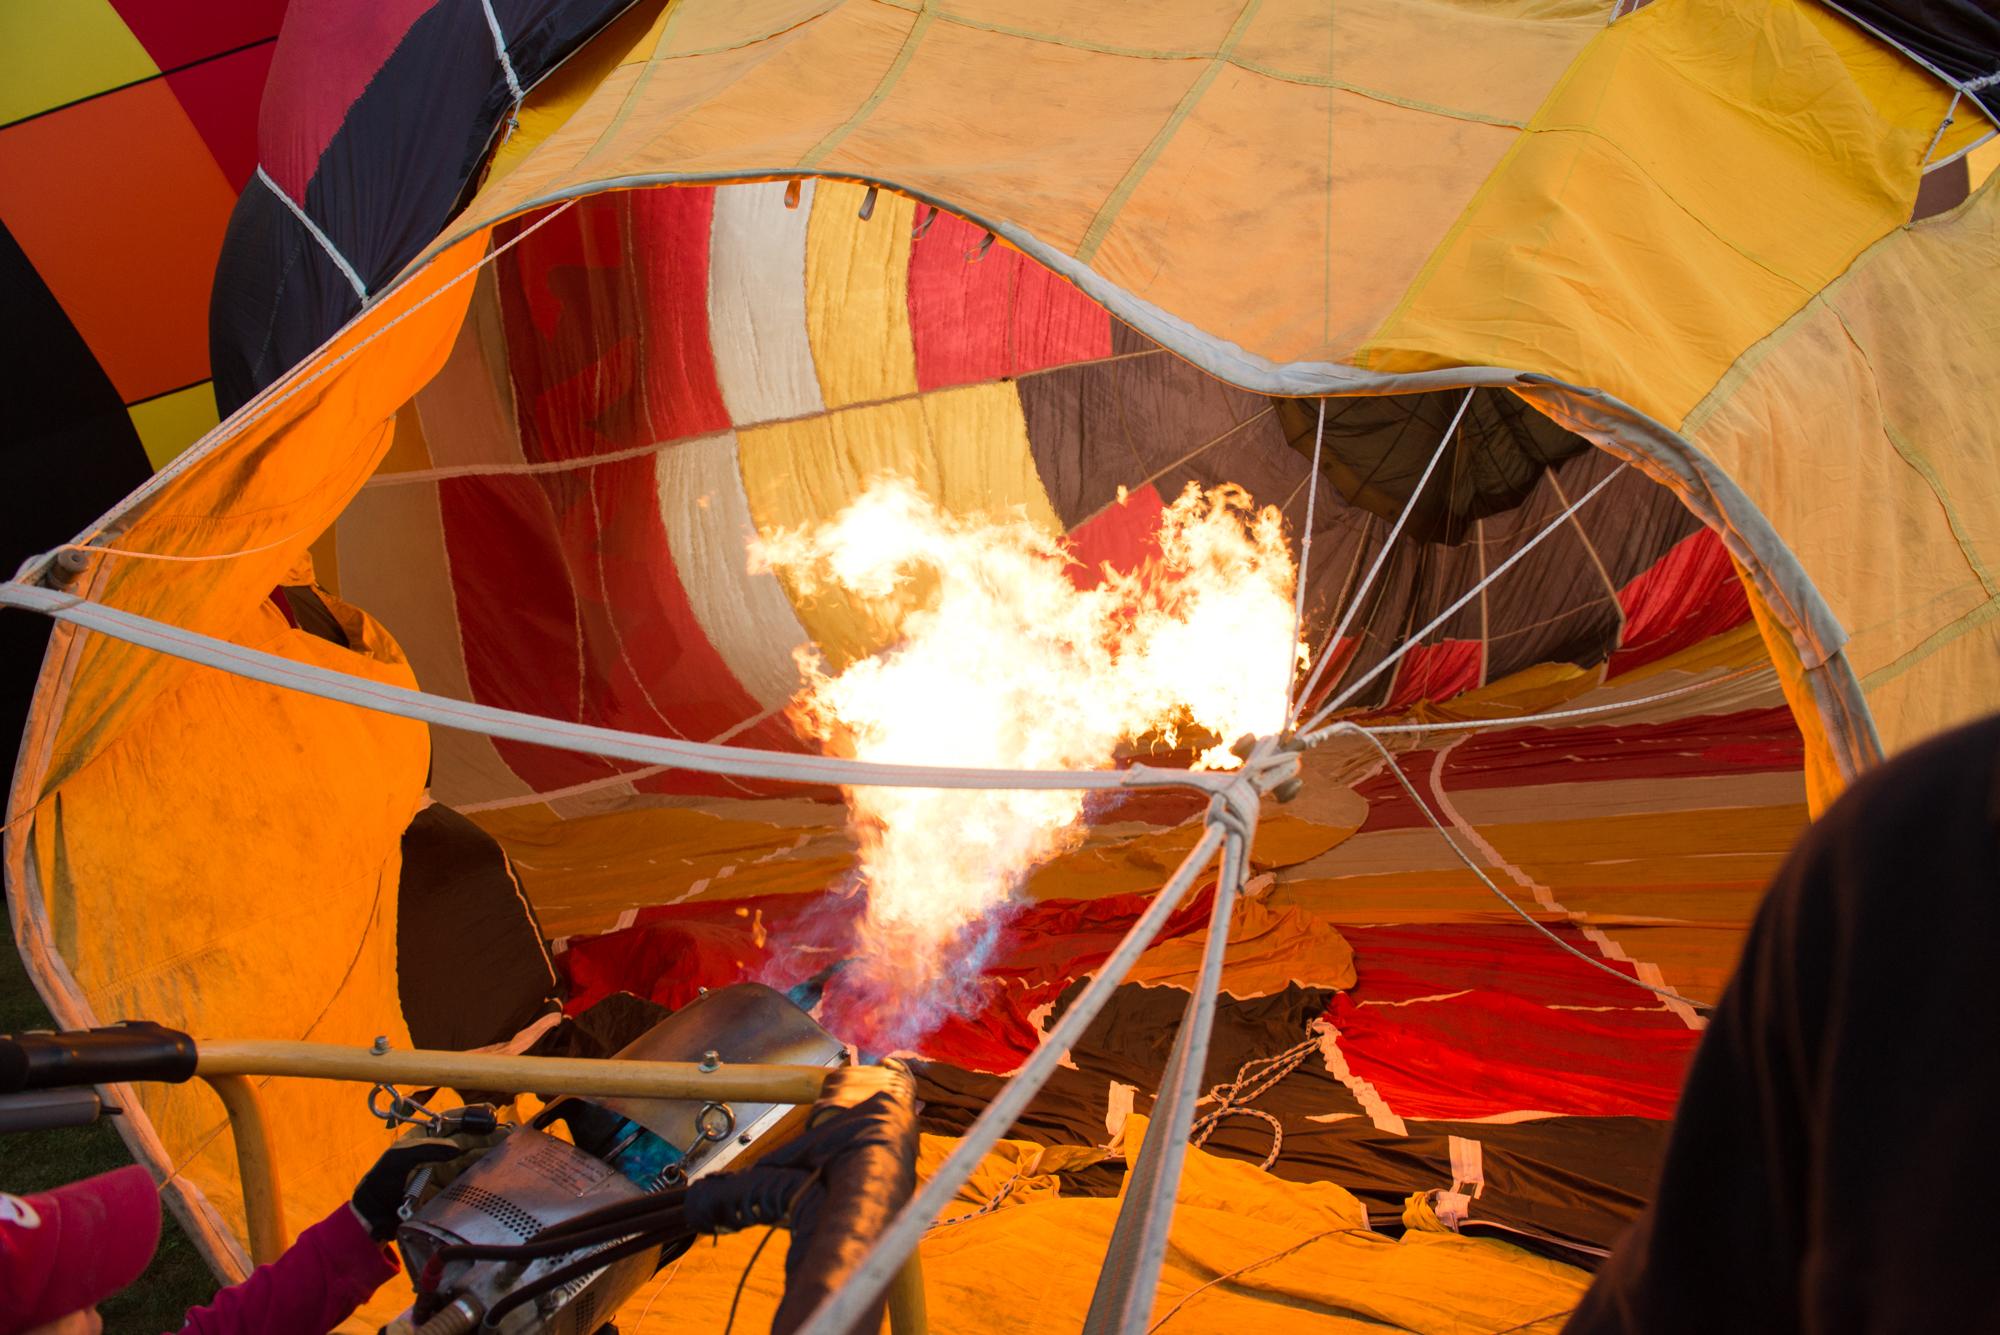 Firing the Burner